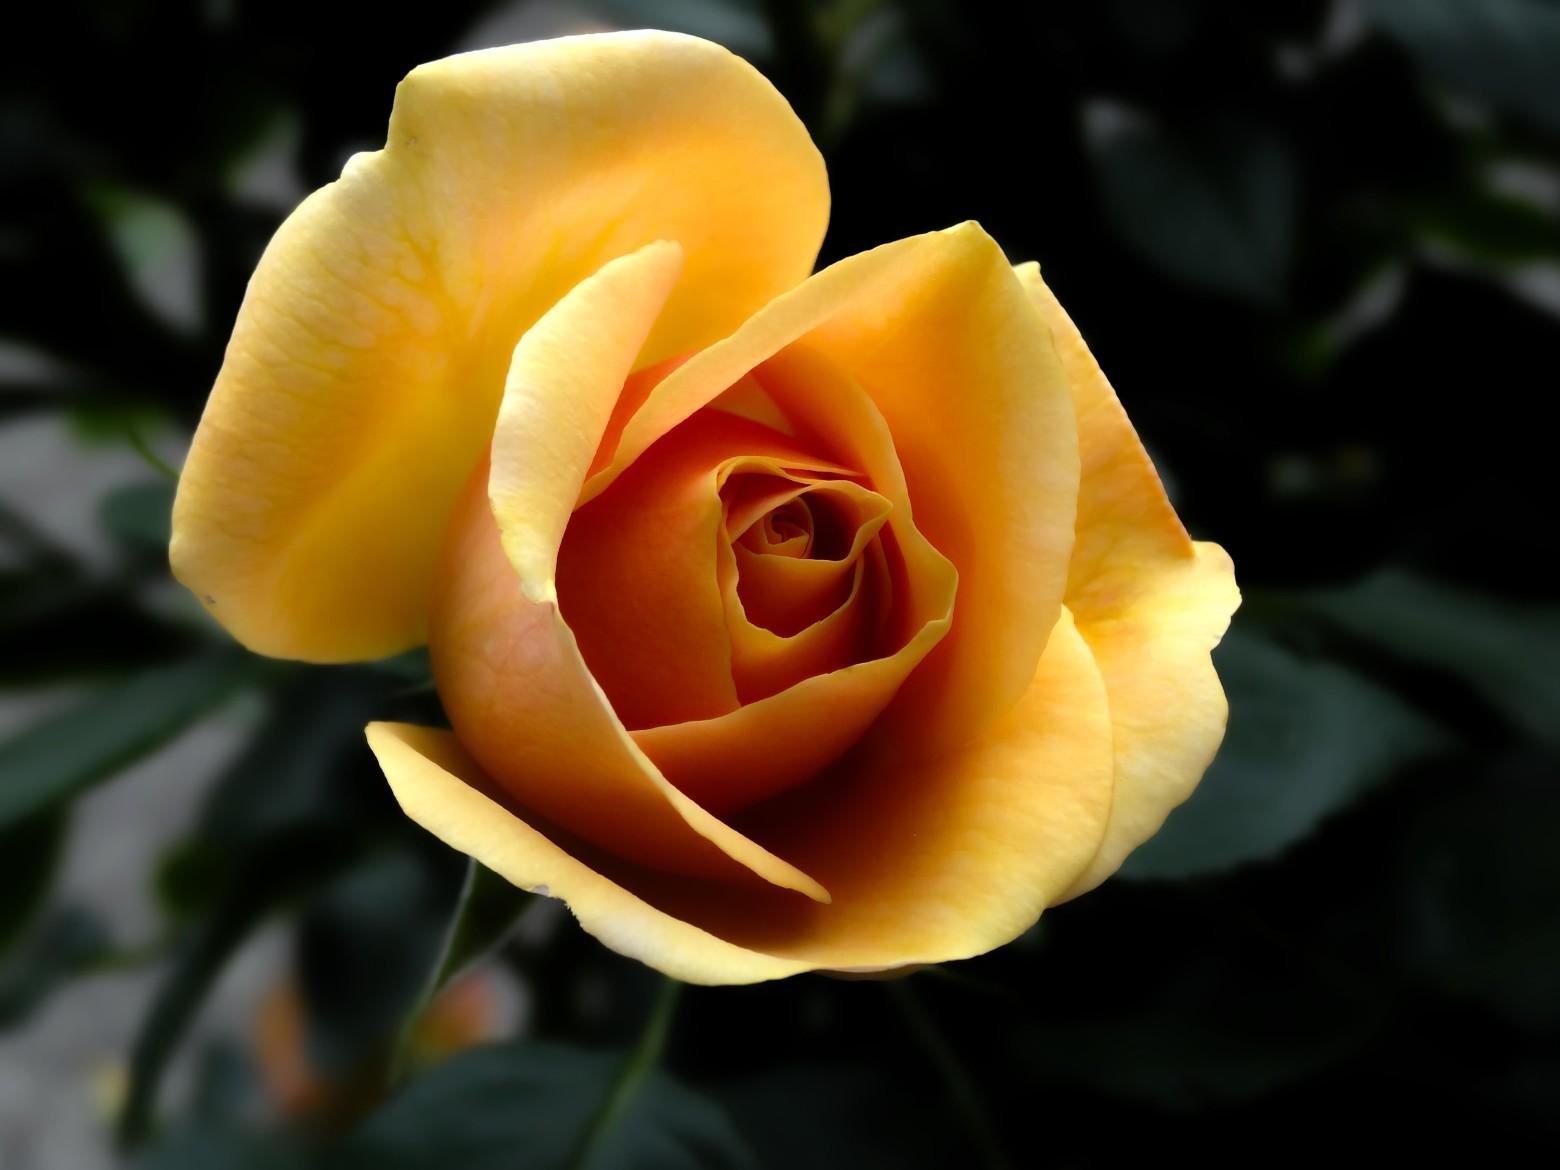 Super belles images fleurs gratuites libres de droits | images gratuites  TR68